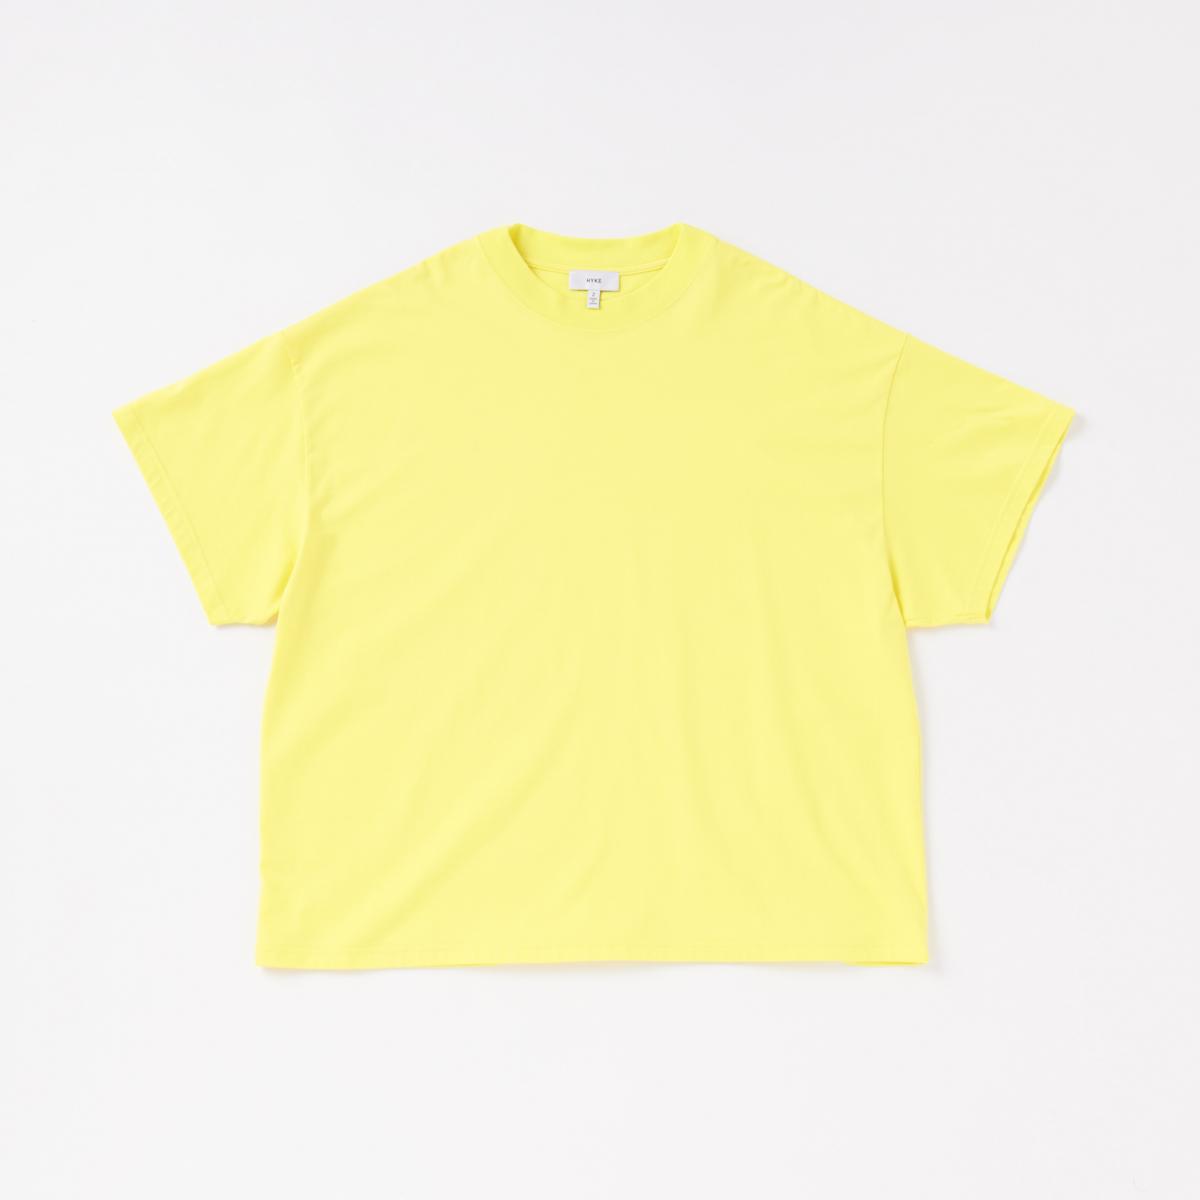 シルエットが秀逸な定番Tシャツ【ハイク】